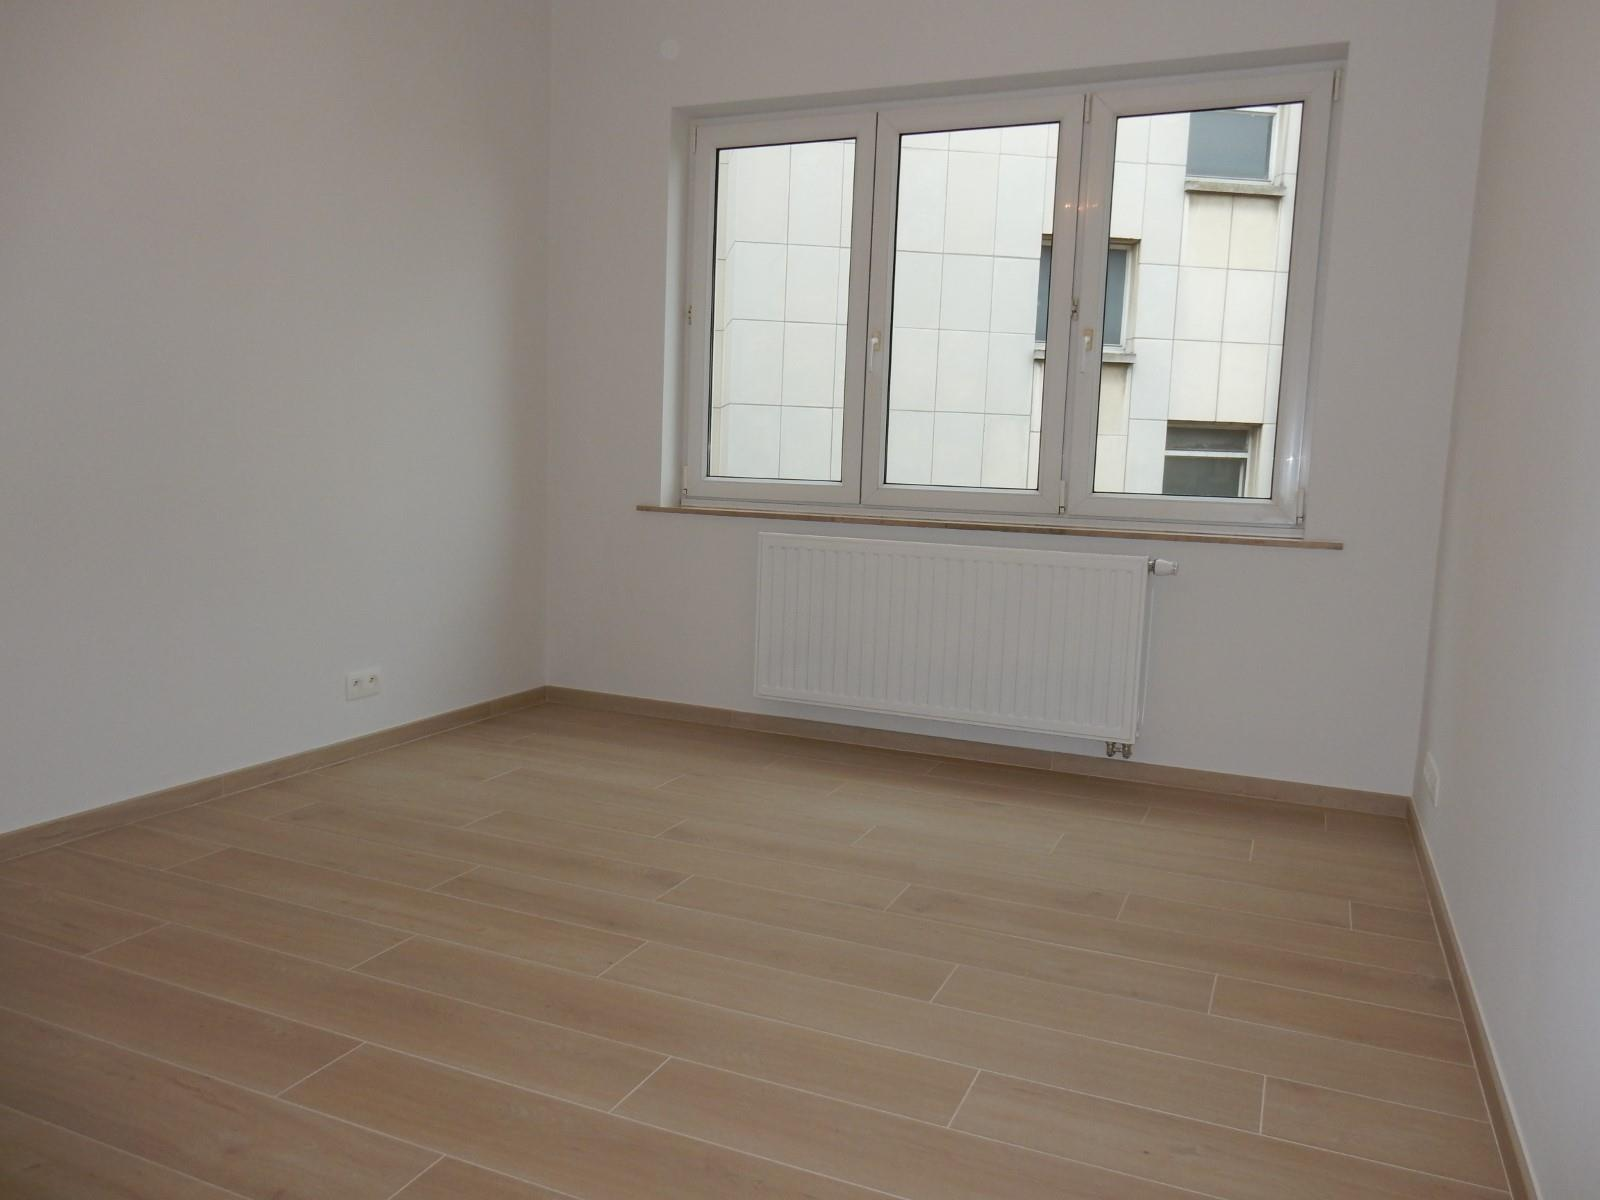 Flat - Schaerbeek - #4137628-6